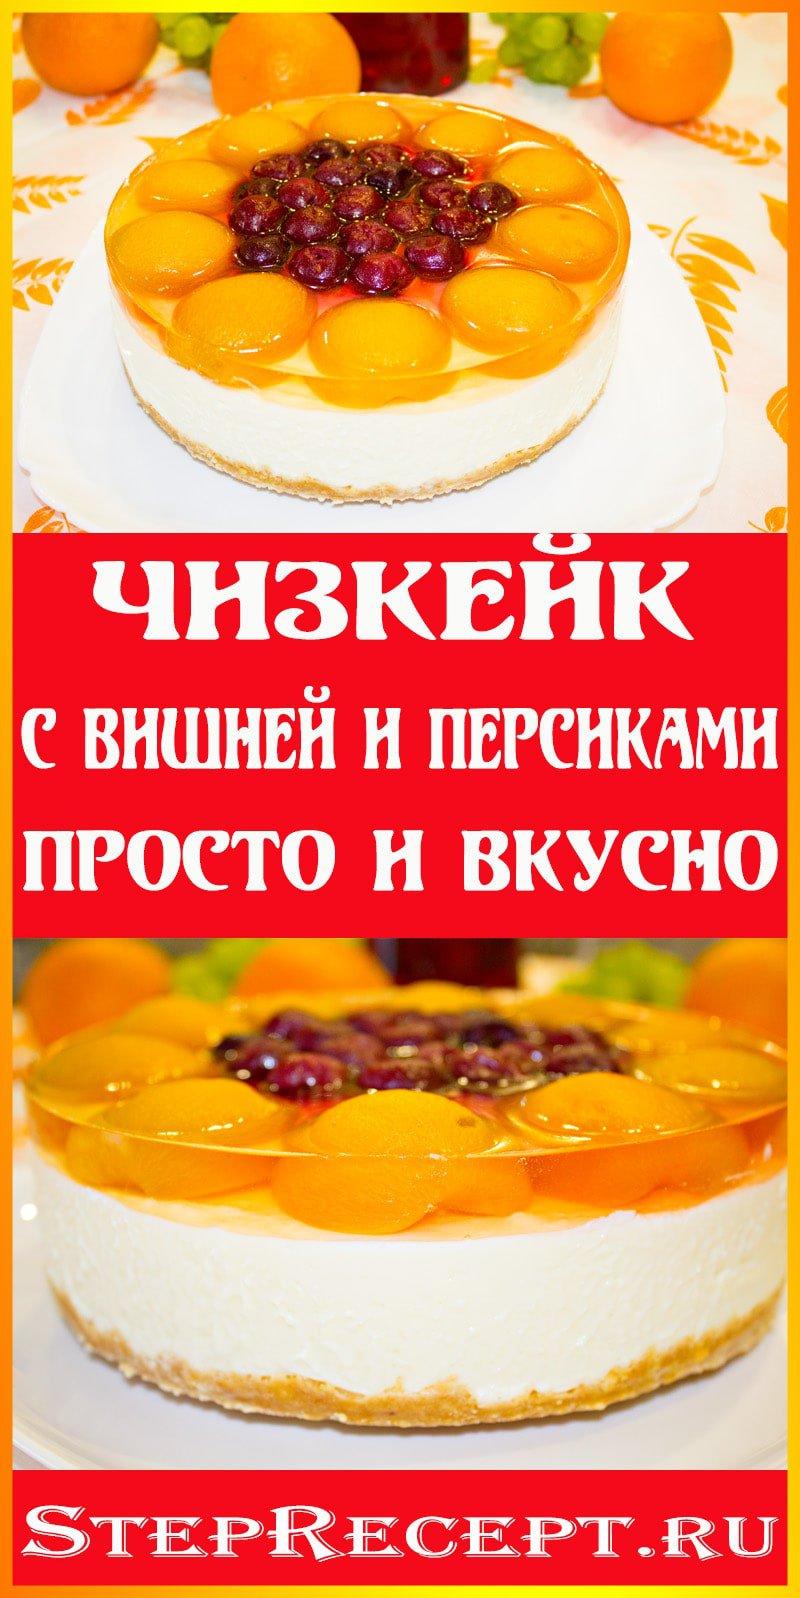 чизкейк с вишней